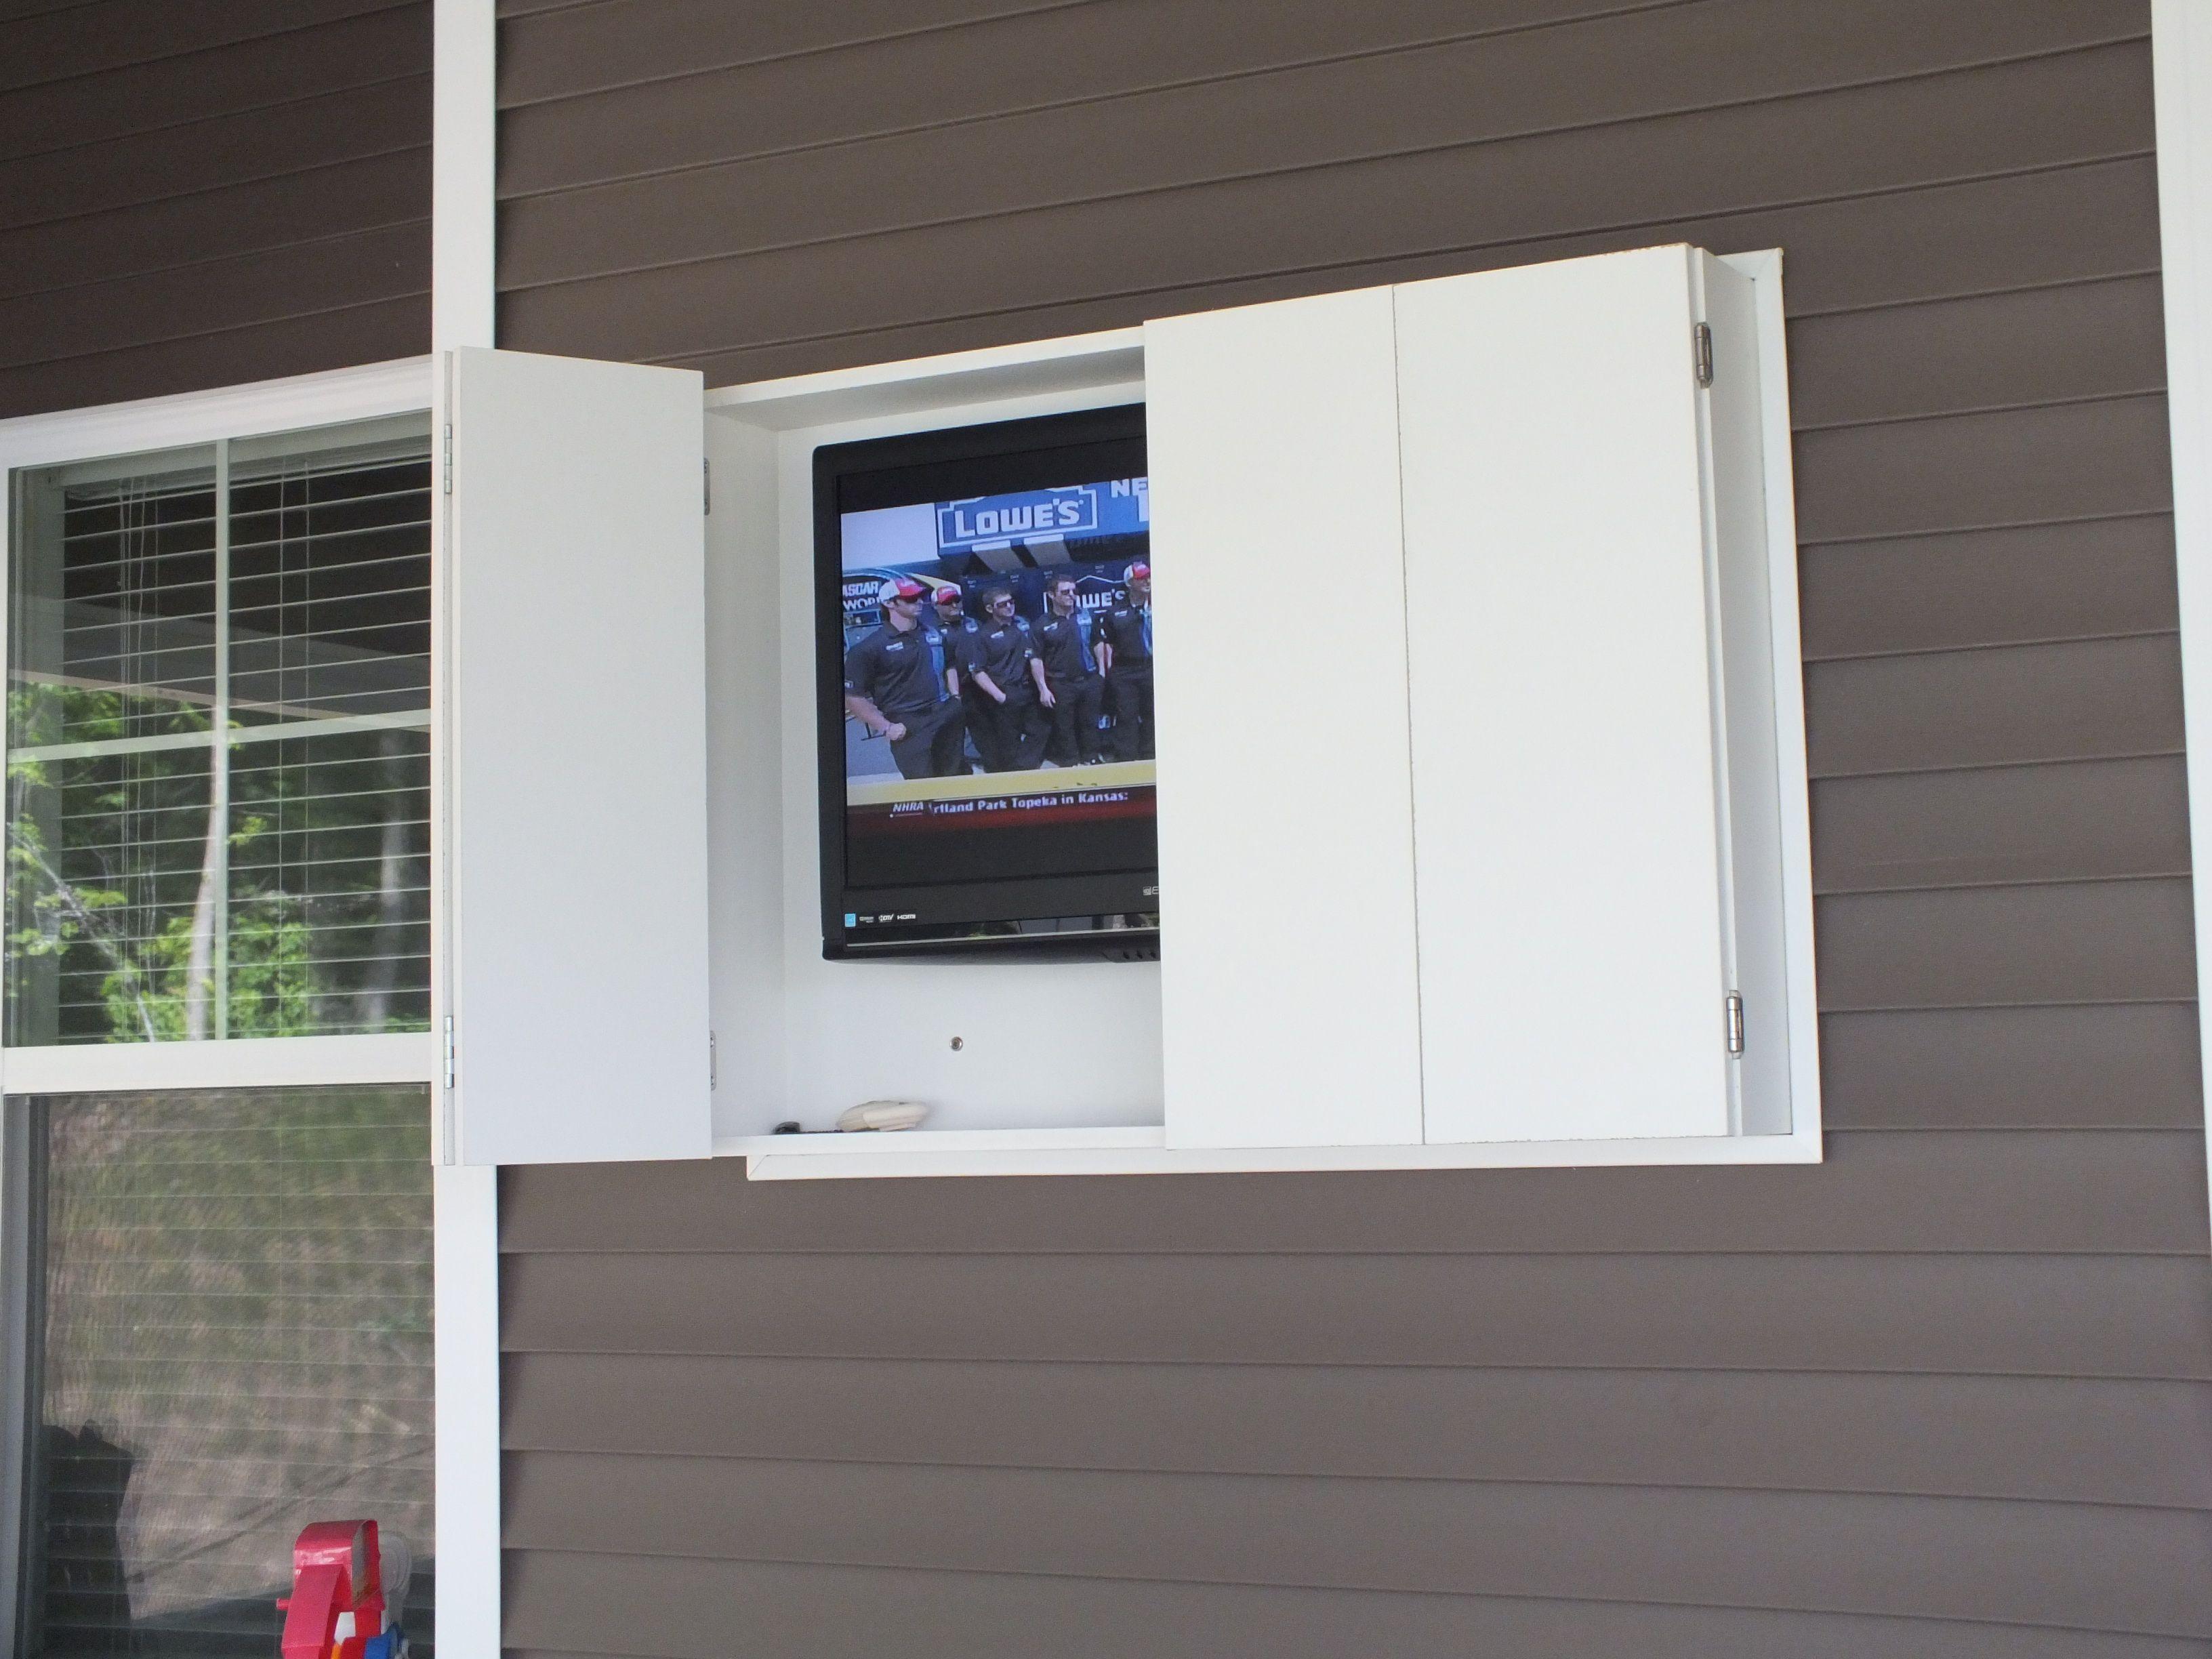 Best Of Waterproof Outdoor Tv Cabinet Photographs Luxury Waterproof Outdoor Tv Cabinet 53 On Interior Outdoor Tv Cabinet Outdoor Tv Enclosure Outdoor Remodel Outdoor tv cabinet for sale